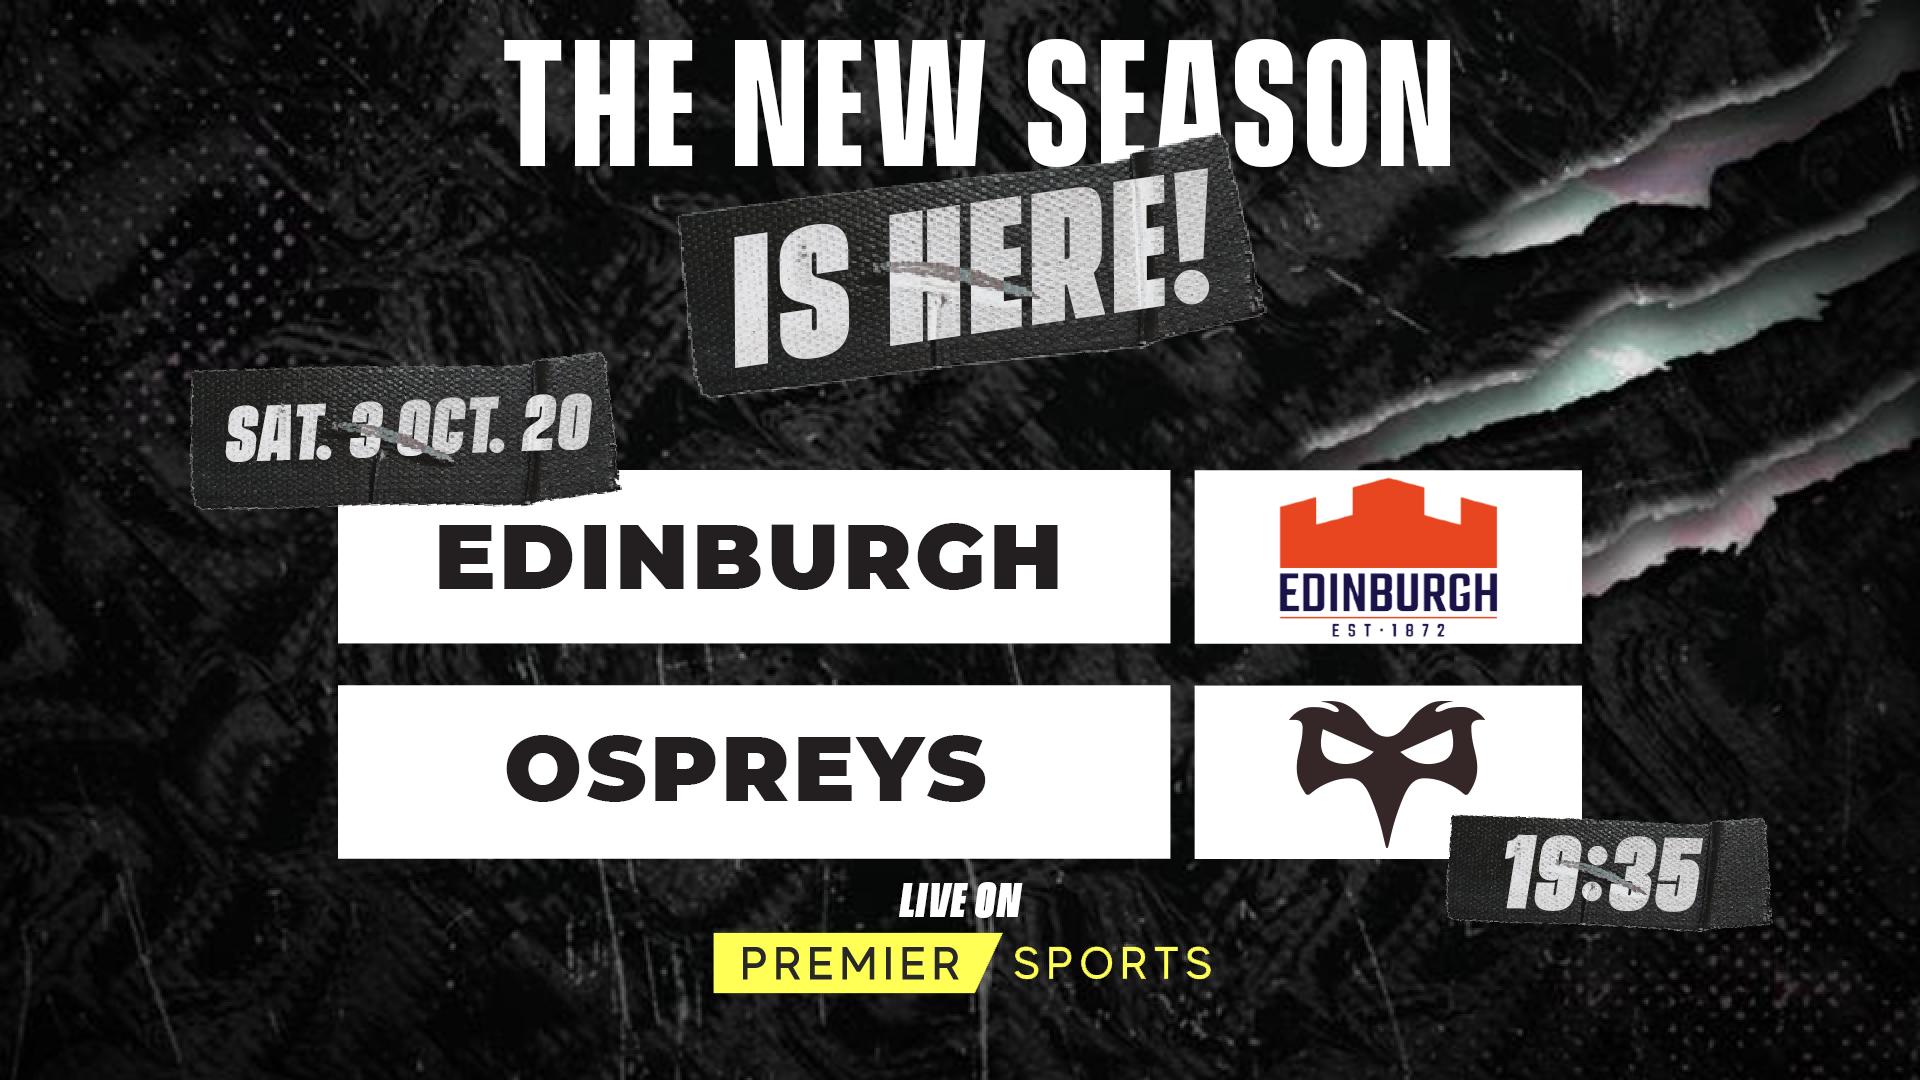 Edinburgh V Ospreys